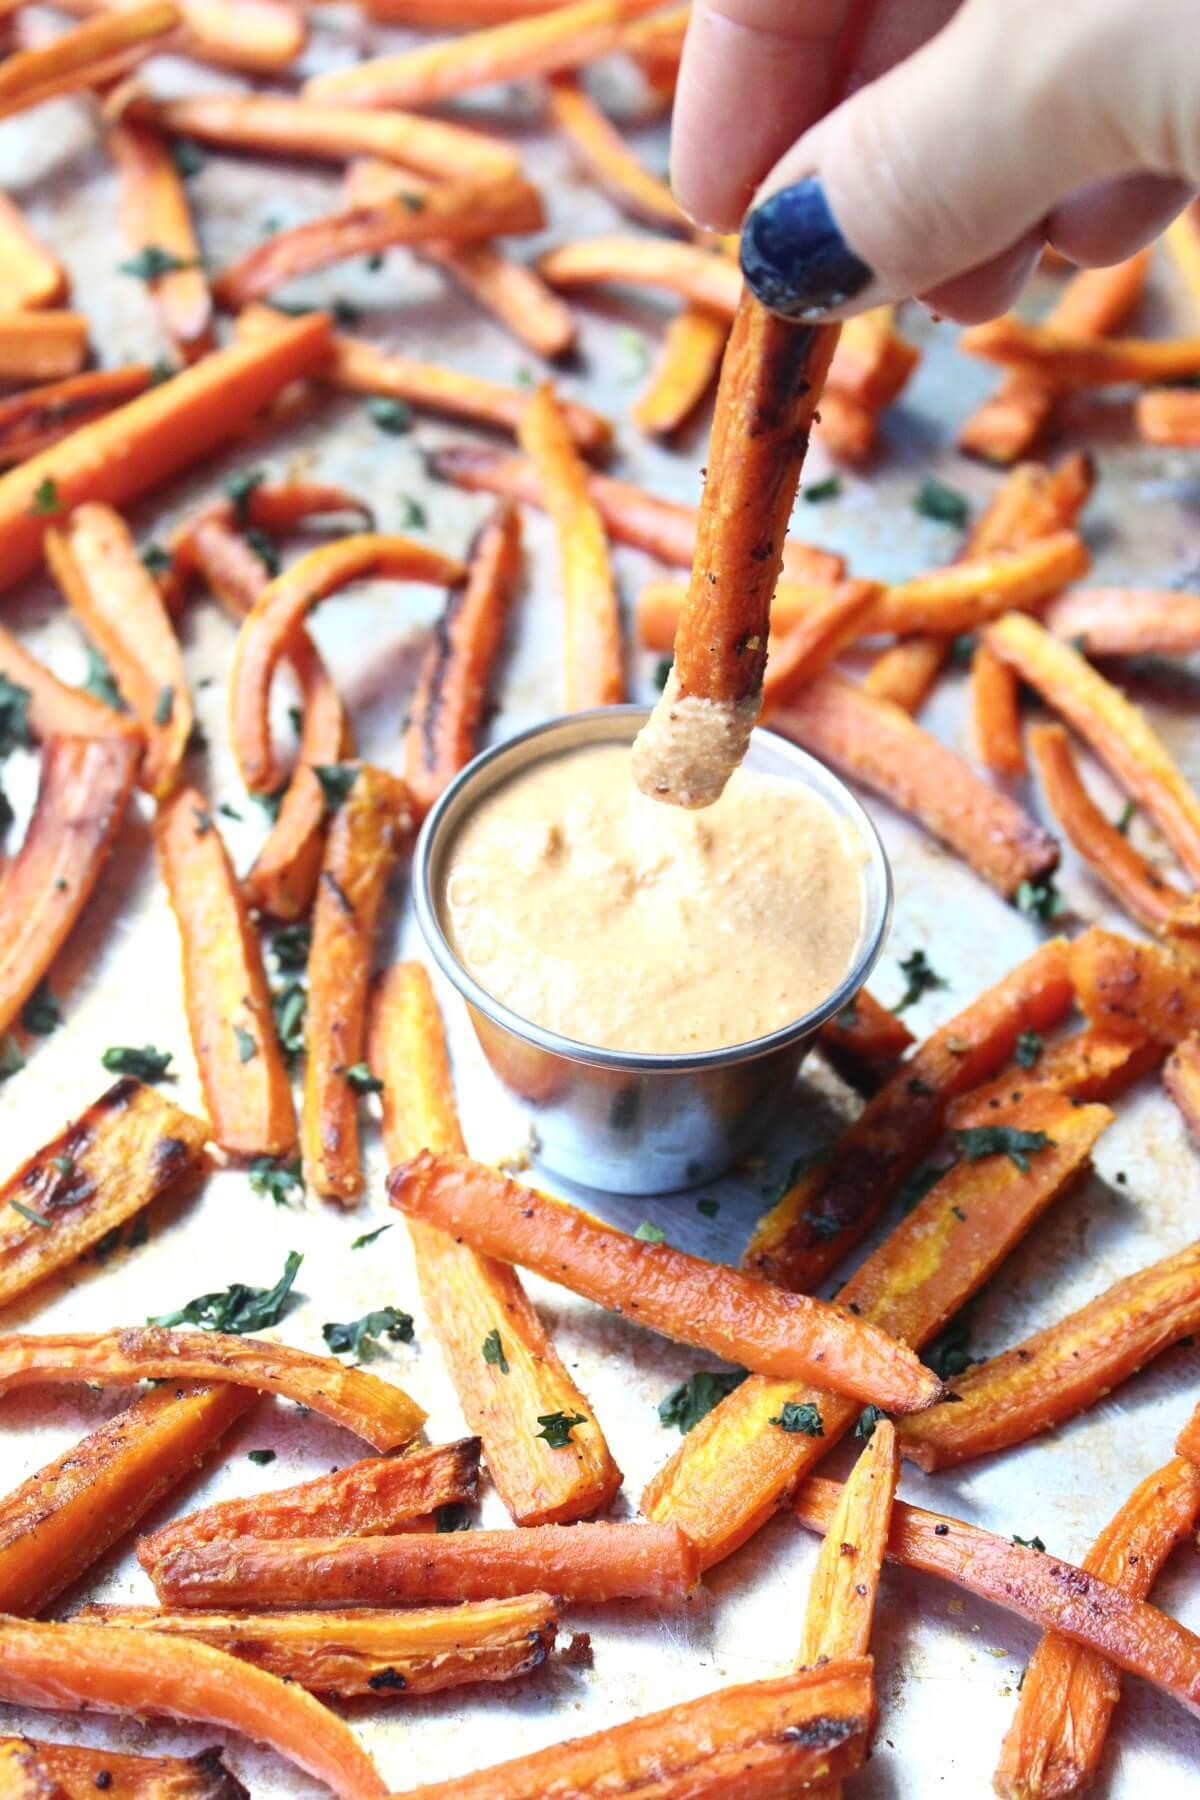 Vegan Carrot Fries with Curry Dip